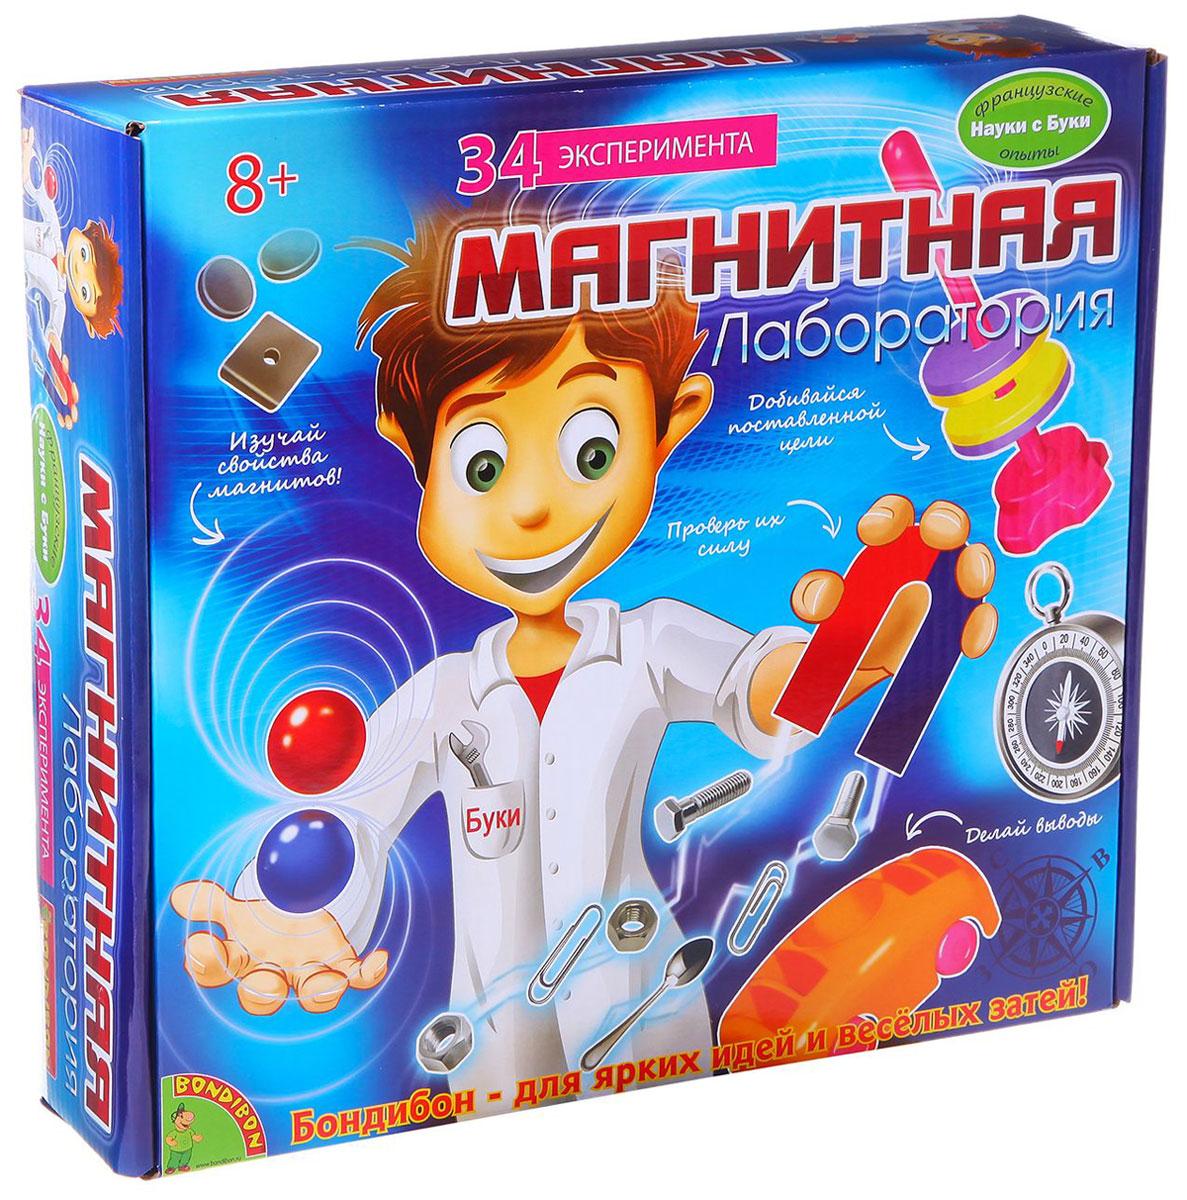 """Оказывается, магниты притягивают не только многие металлические предметы, но и внимание юных исследователей! Это подтверждает научно-познавательный набор """"Магнитная лаборатория"""", в котором собраны десятки увлекательных экспериментов с использованием магнитов. Проводя эти занимательные опыты, ребенок получает знания о свойствах и силе магнитов, о том, что такое магнитные полюса и почему одни материалы притягиваются к ним, а другие - нет. Кроме того, """"Магнитная лаборатория"""" познакомит ребенка с историей магнитов, сфере их применения и даже научит изготавливать их самостоятельно. Все эти знания и умения обязательно пригодятся ребенку не только в изучении физики, но и в повседневной жизни. А если проводить опыты с друзьями, то можно превратить эти занимательные эксперименты в веселую игру."""